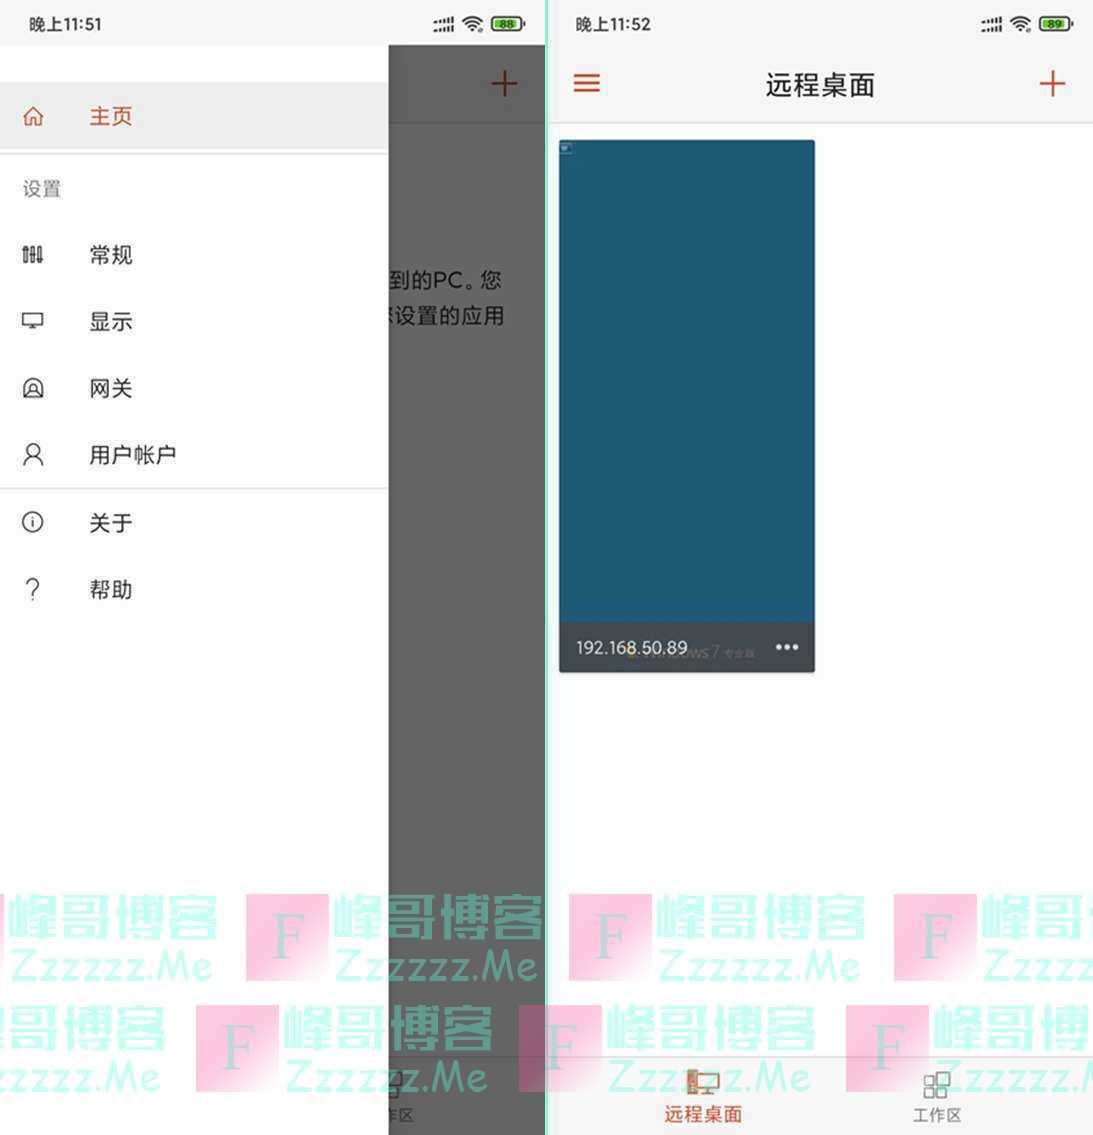 安卓Remote Desktop微软远程桌面V10.0.7.1066 Remote Desktop最新中文汉化版下载